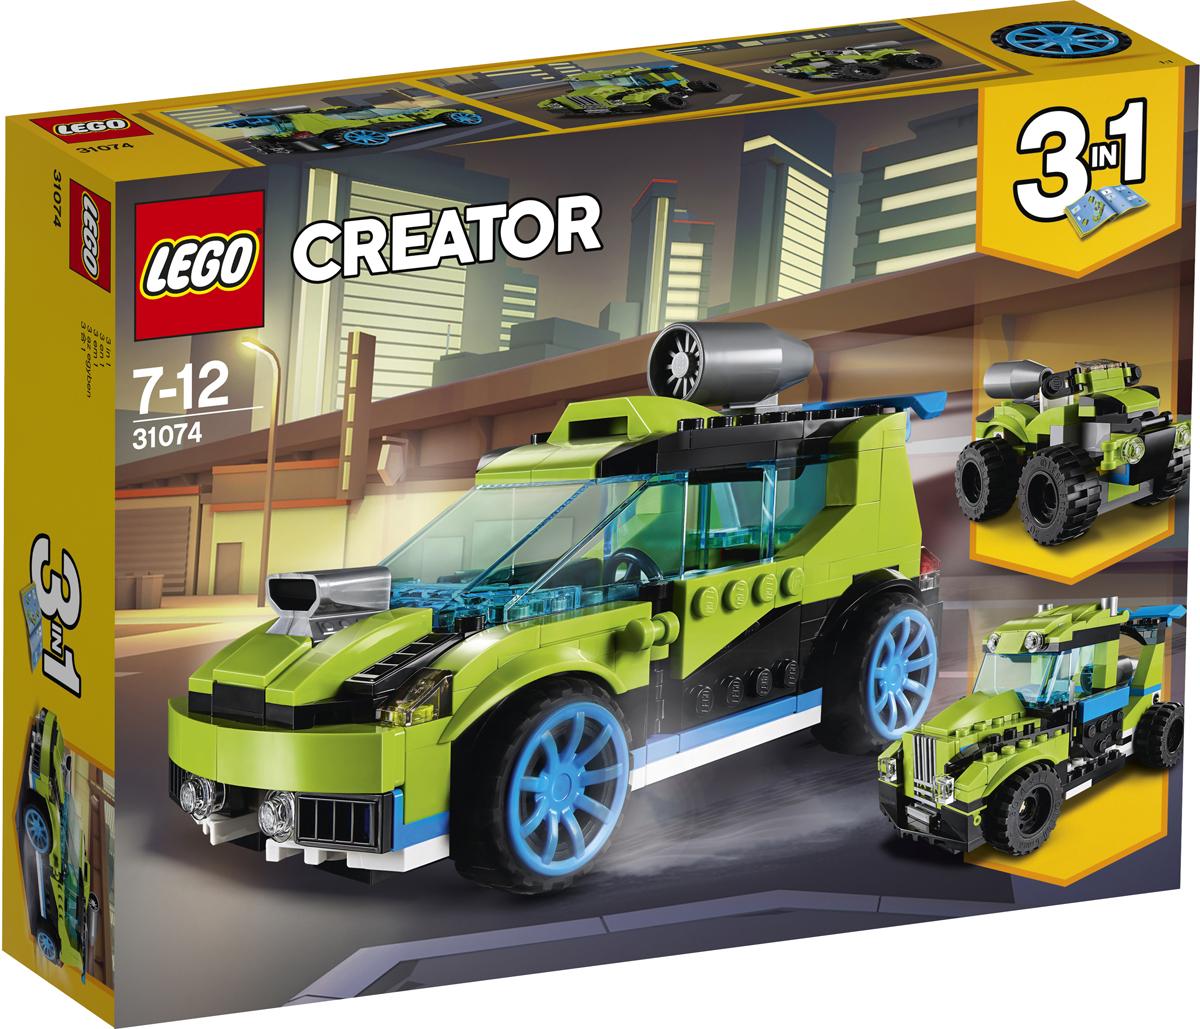 LEGO Creator Конструктор Суперскоростной раллийный автомобиль 31074